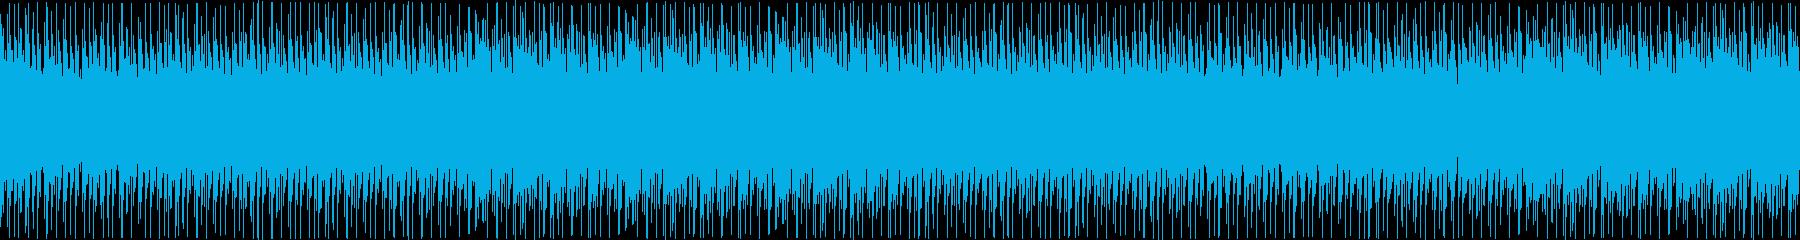 定番でシンプルなハウスの再生済みの波形